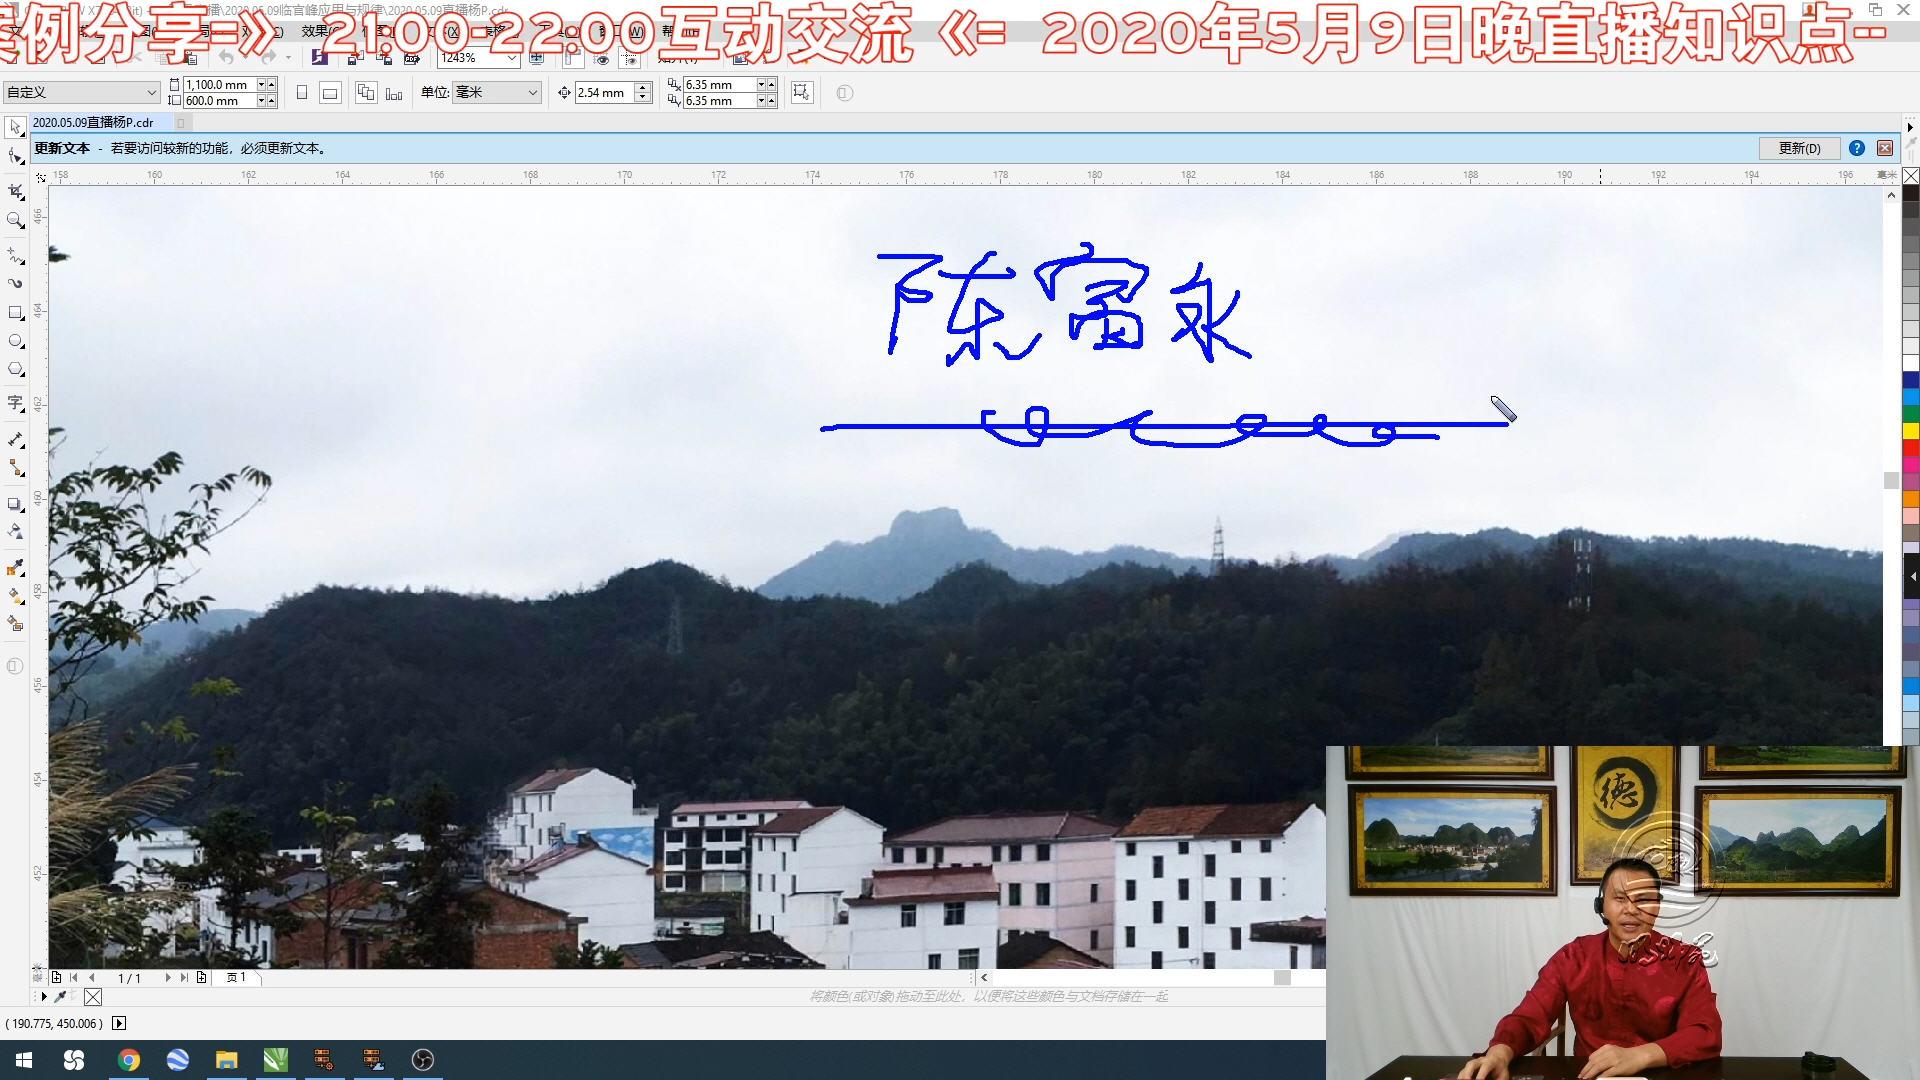 第18场:论临官峰专场 2020.05.09